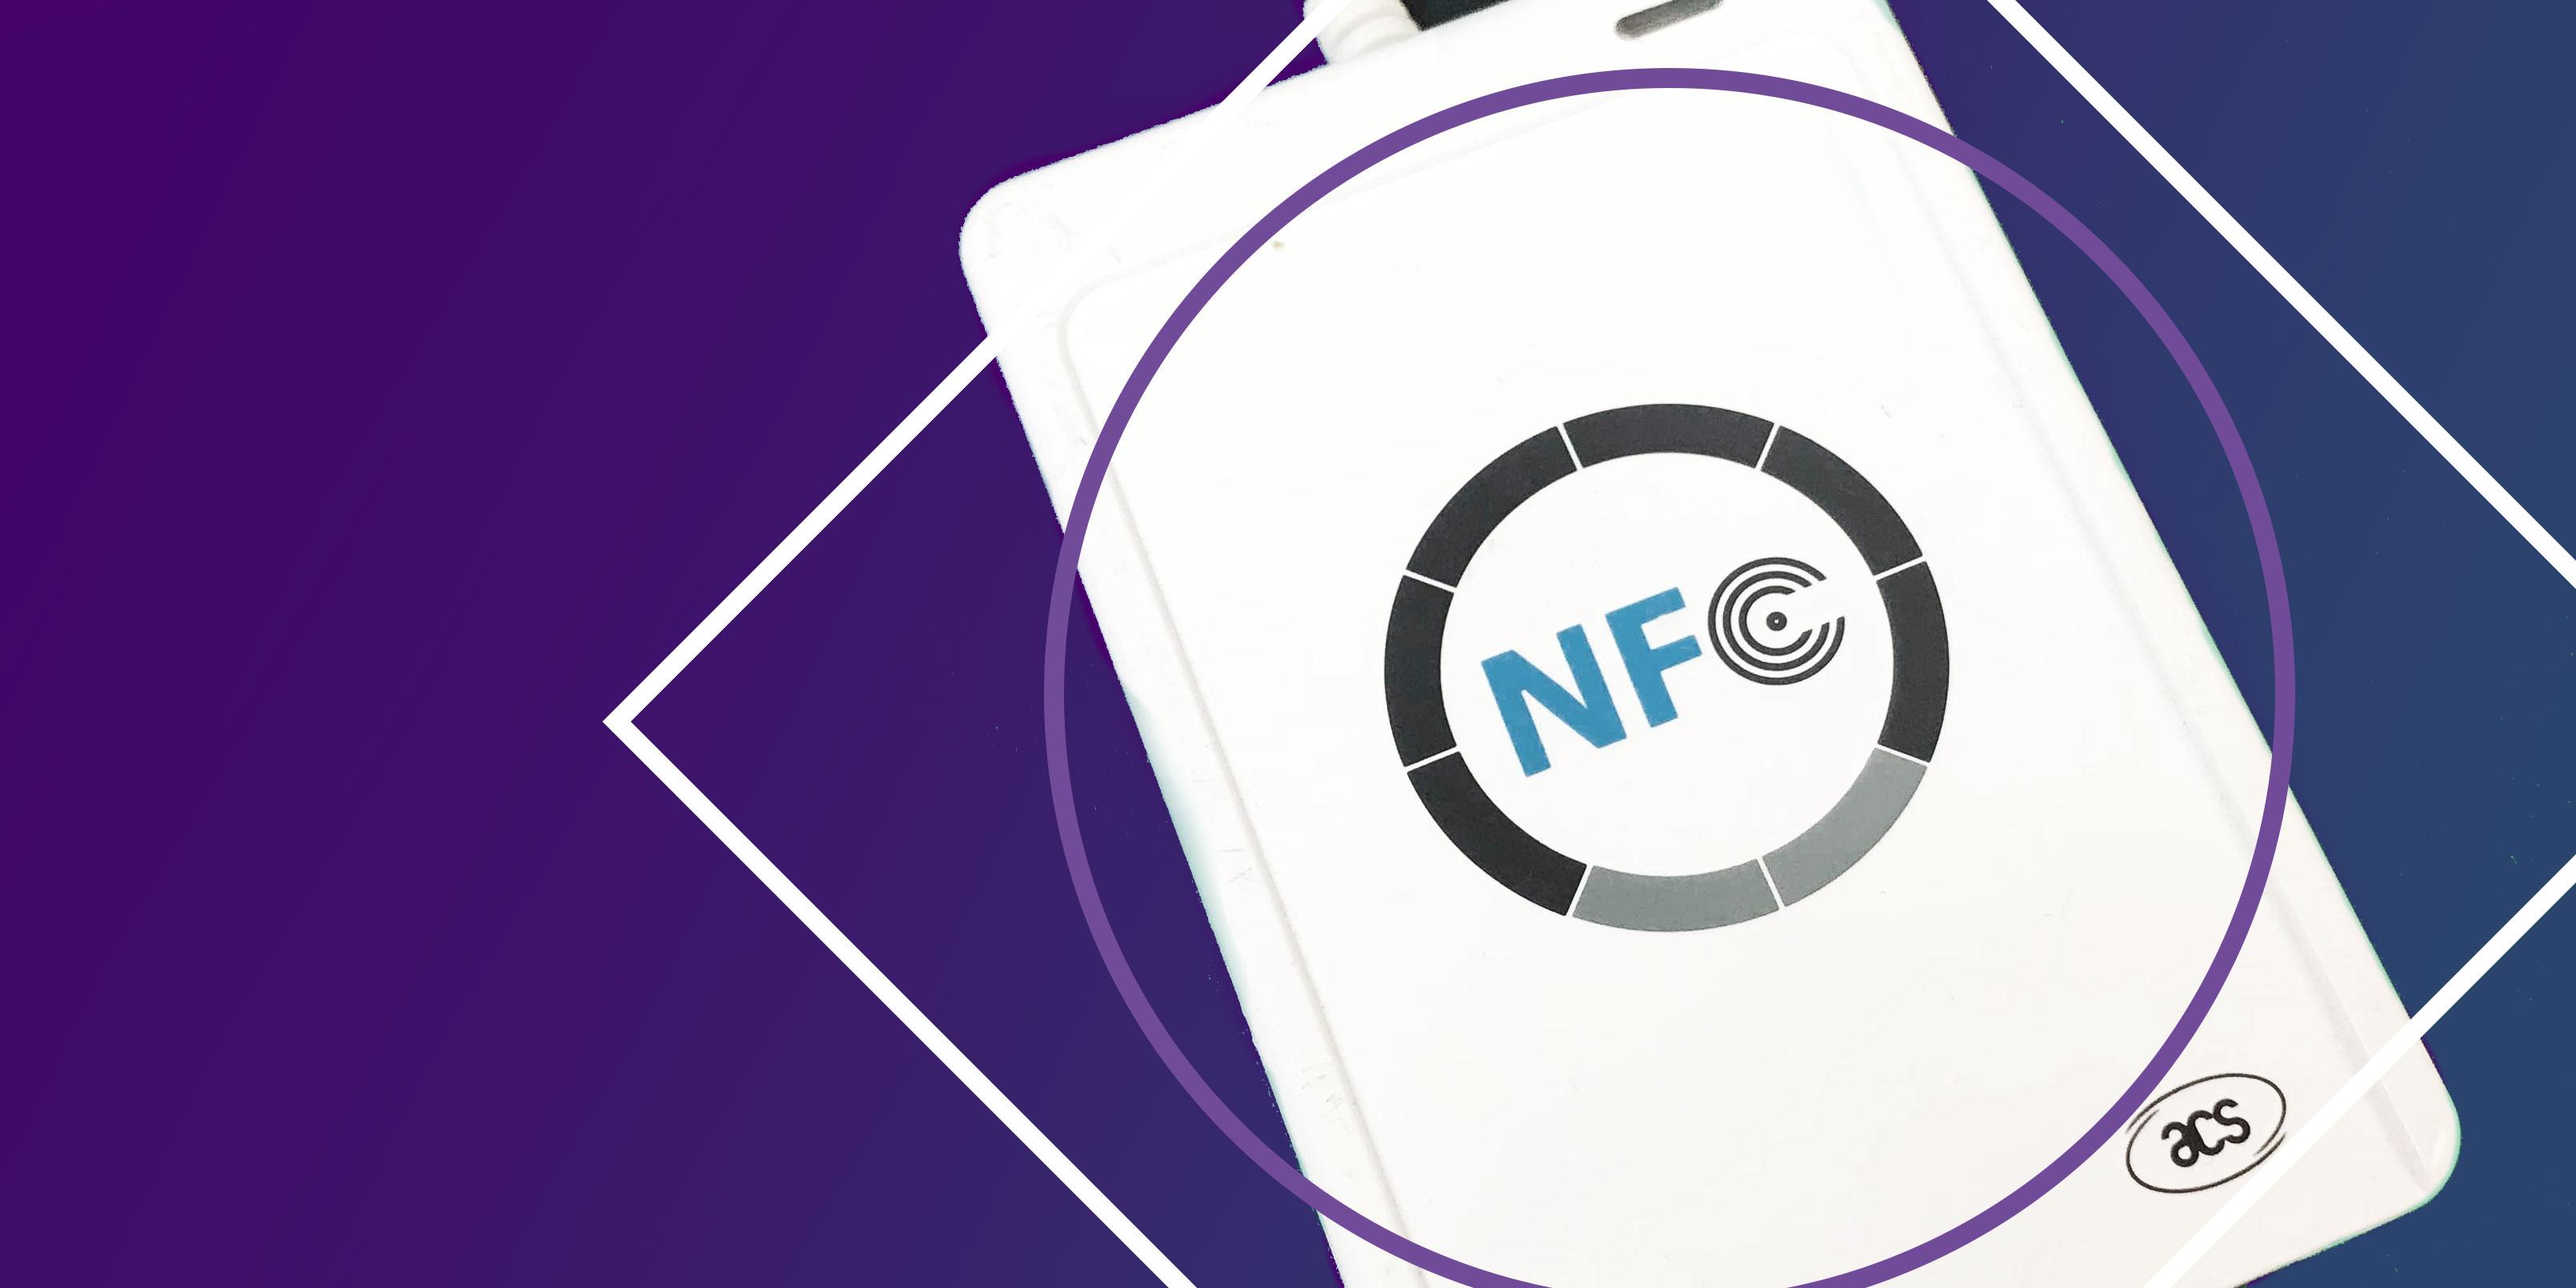 NFC-läsaren acr122u